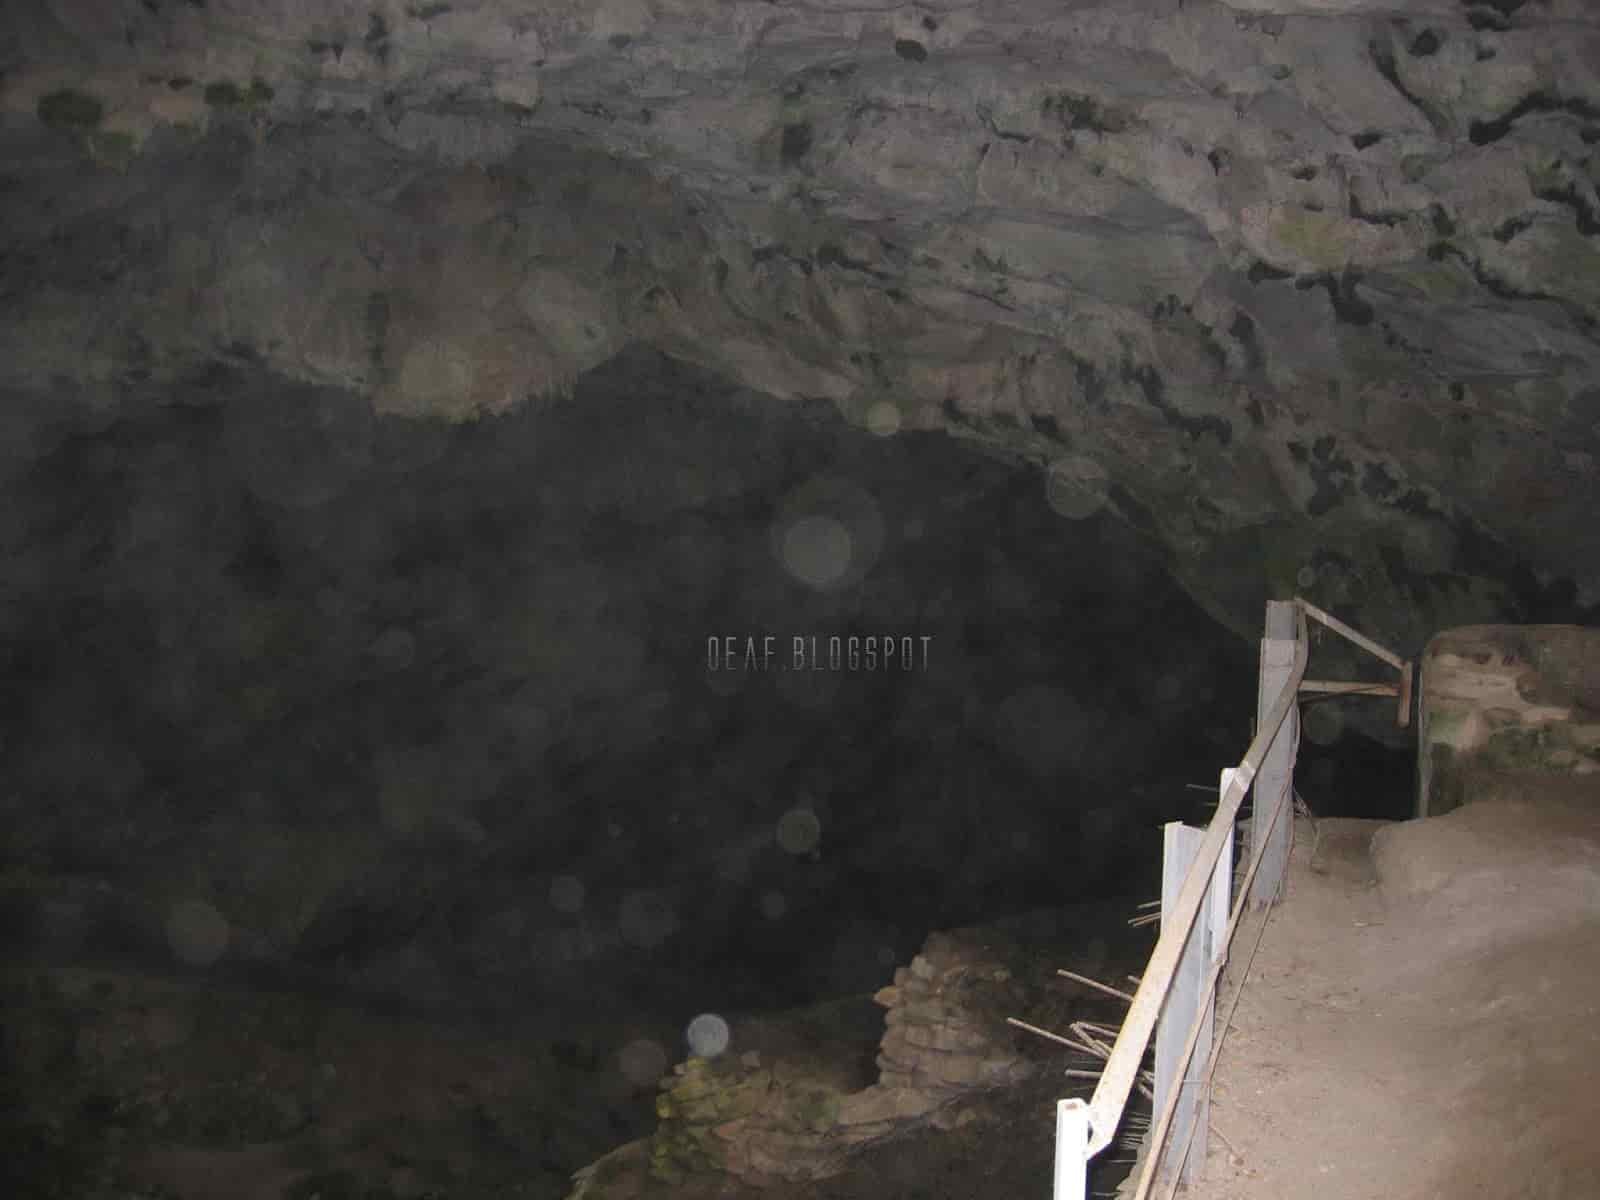 Τι Υπάρχει και Ζει Μέσα στο Σπήλαιο της Πεντέλης (εκπληκτικές φωτογραφίες και video) - Εικόνα15